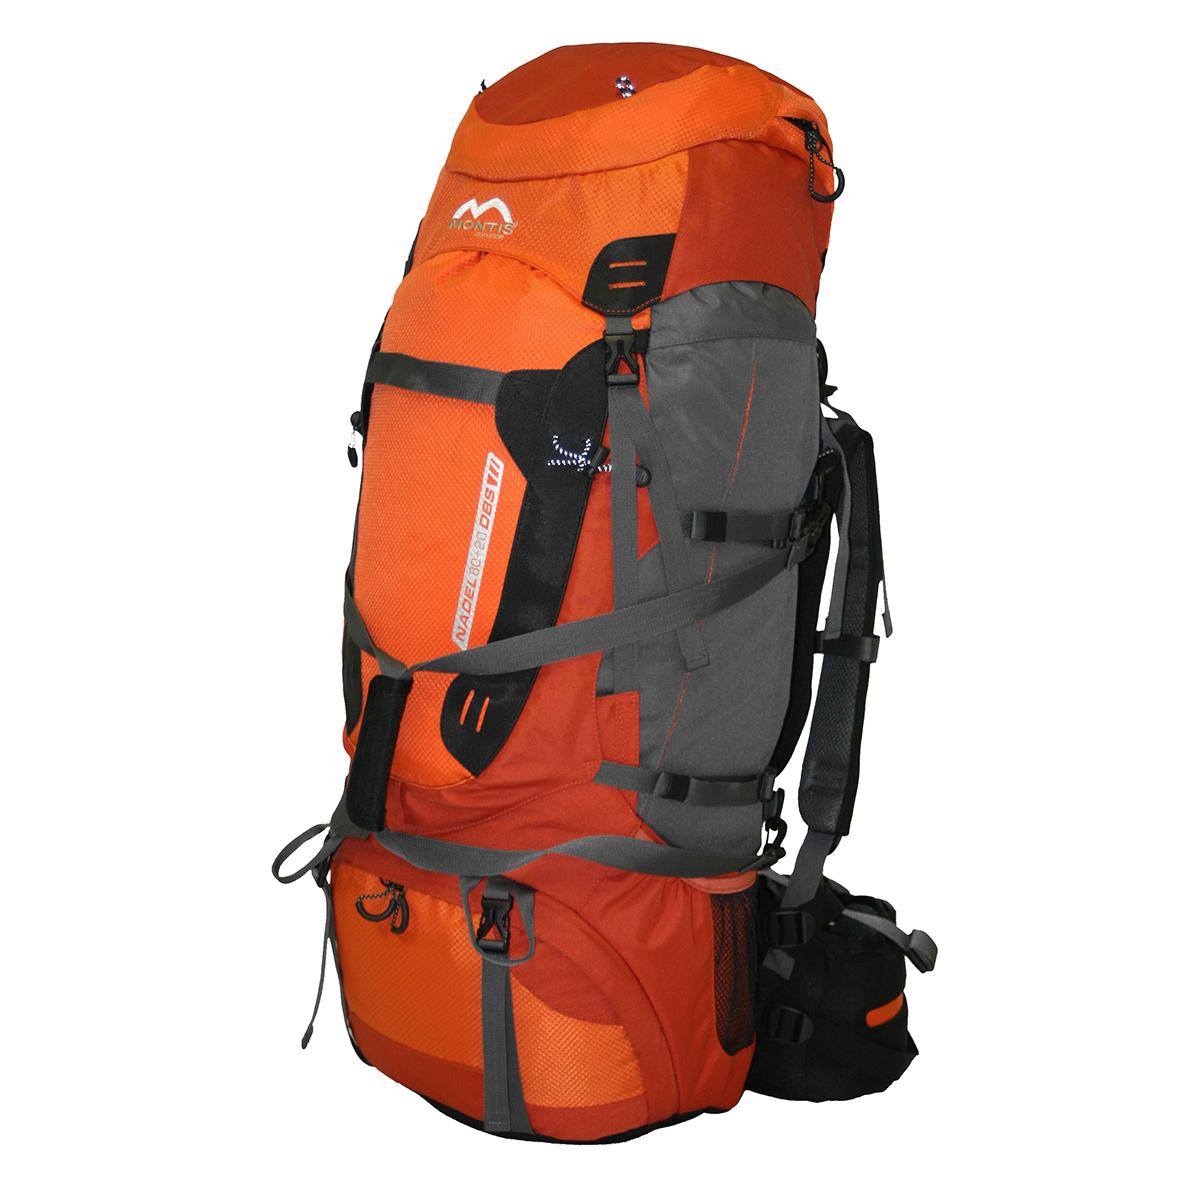 montis nadel 80 20 trekking rucksack tasche 100l ebay. Black Bedroom Furniture Sets. Home Design Ideas